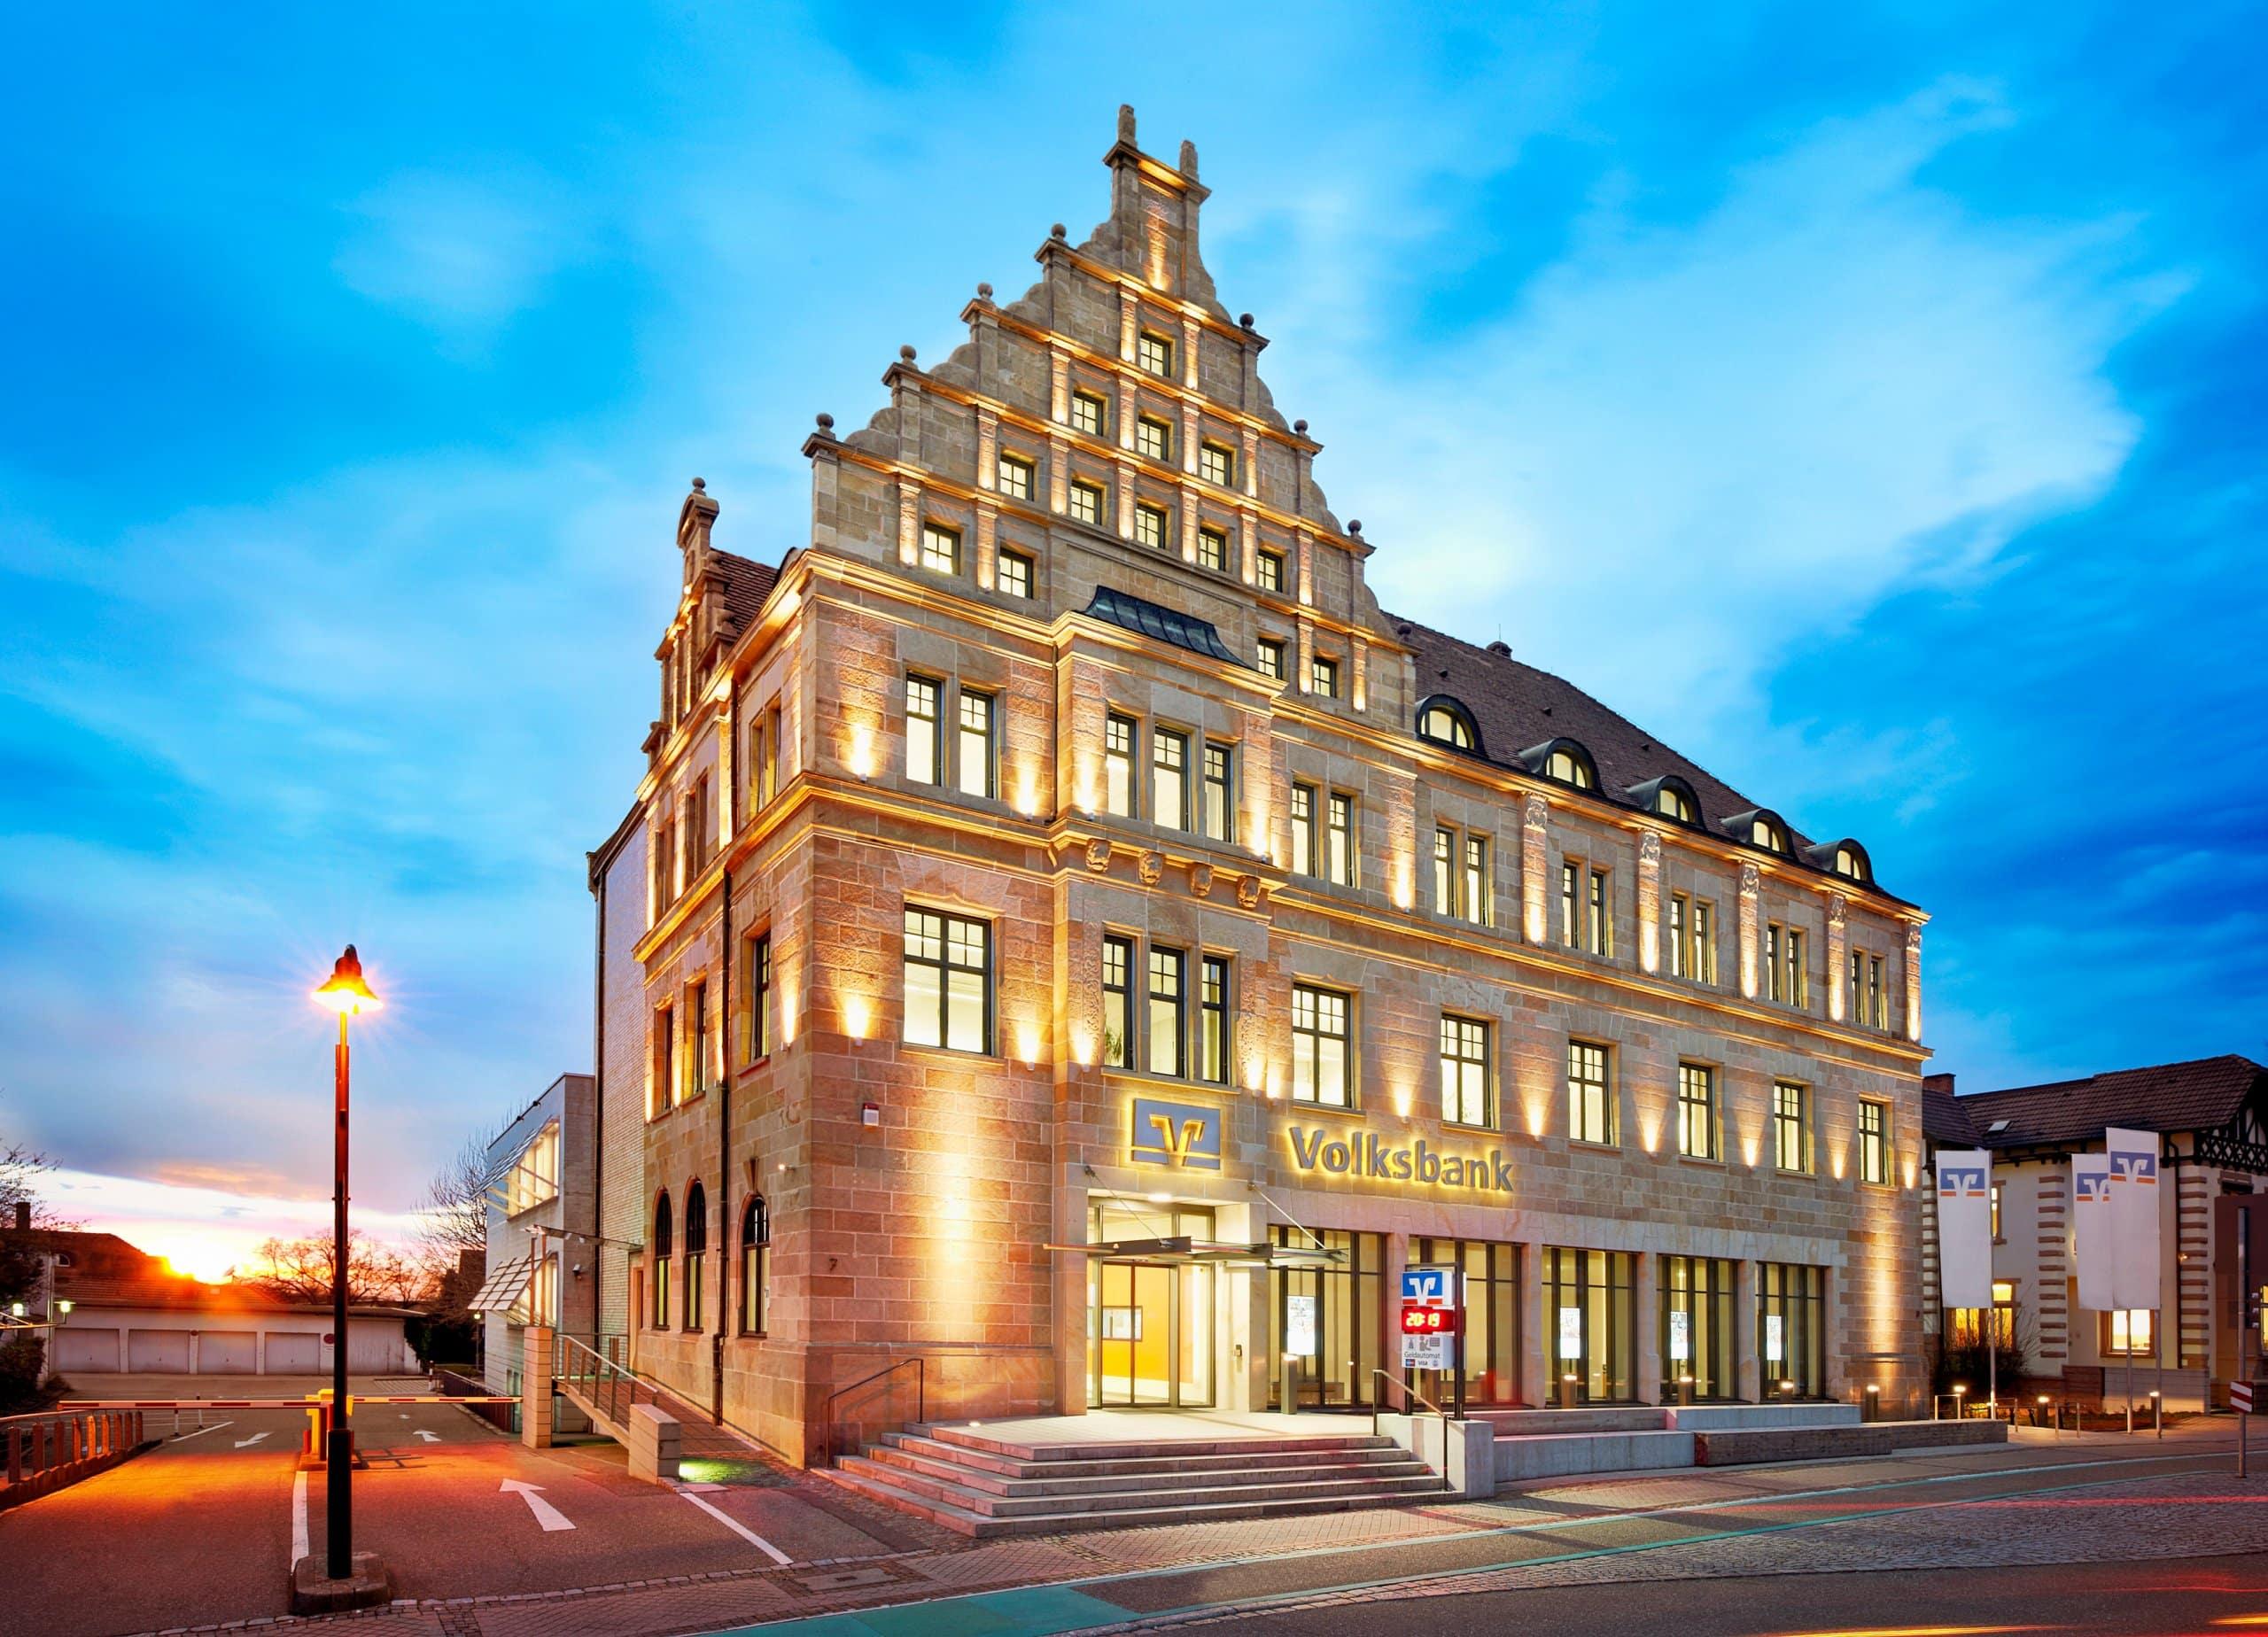 Volksbank in der Ortenau